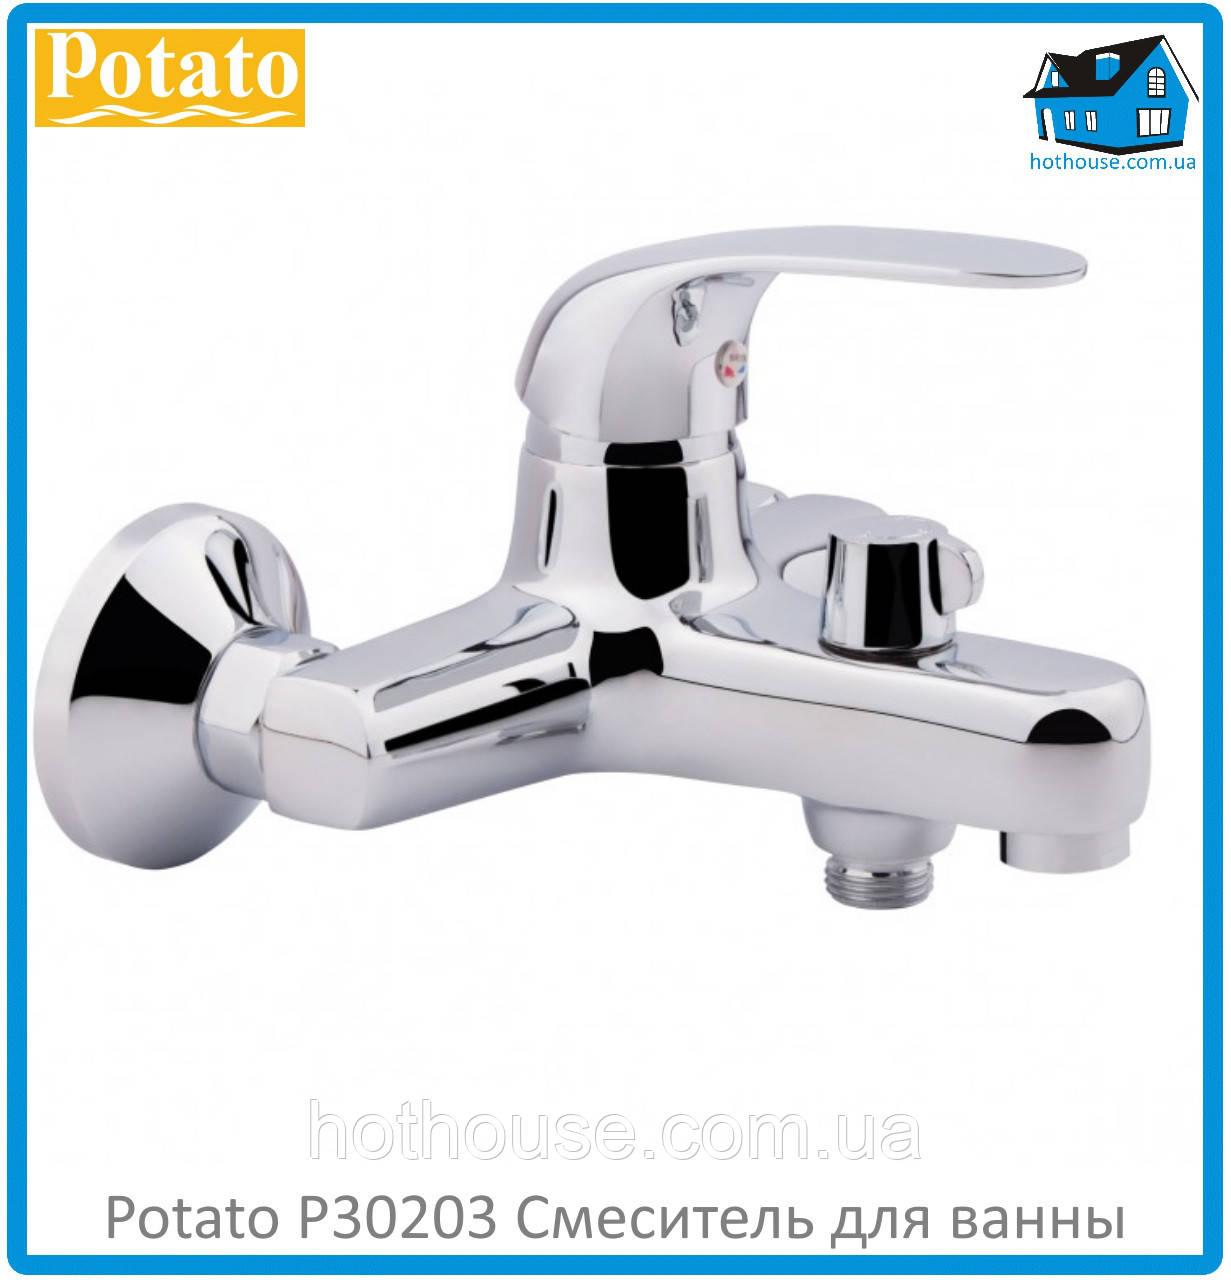 Смеситель для ванны Potato P30203